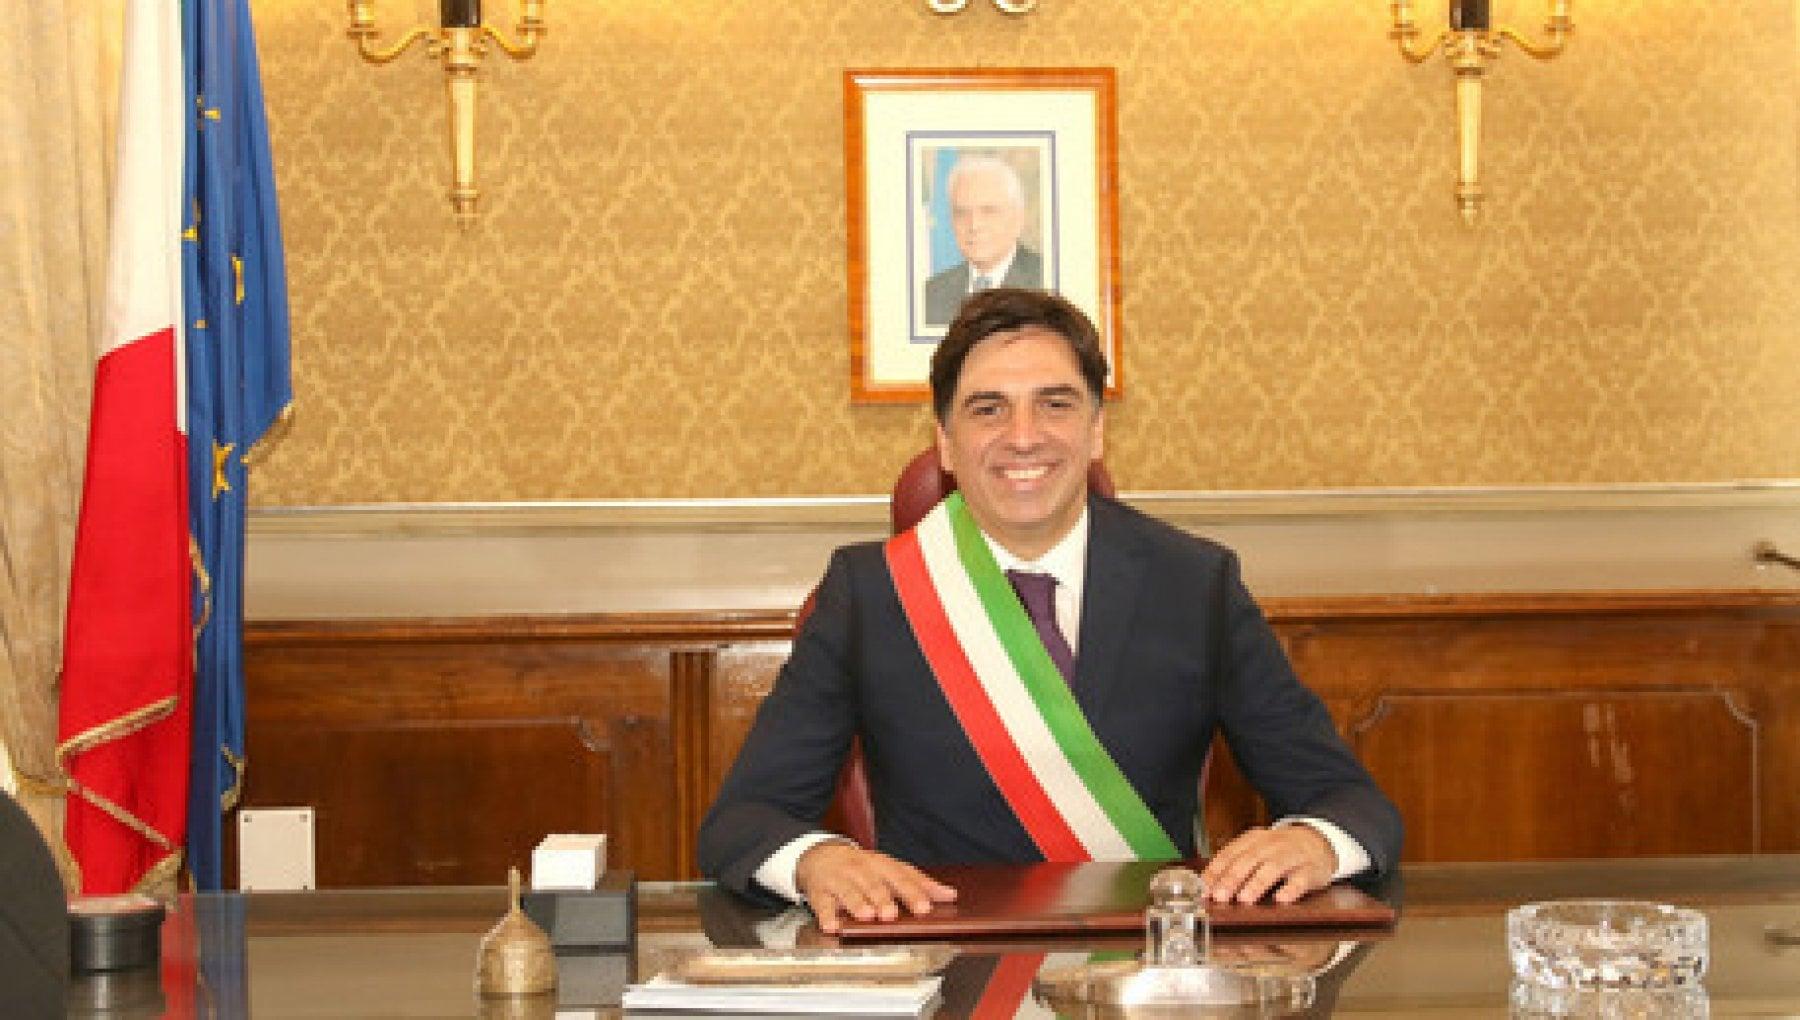 112341533 b825fcbd b384 4145 a15d 9d757a8a81ab - Legge Severino all'esame della Consulta: Pogliese intanto torna sindaco di Catania